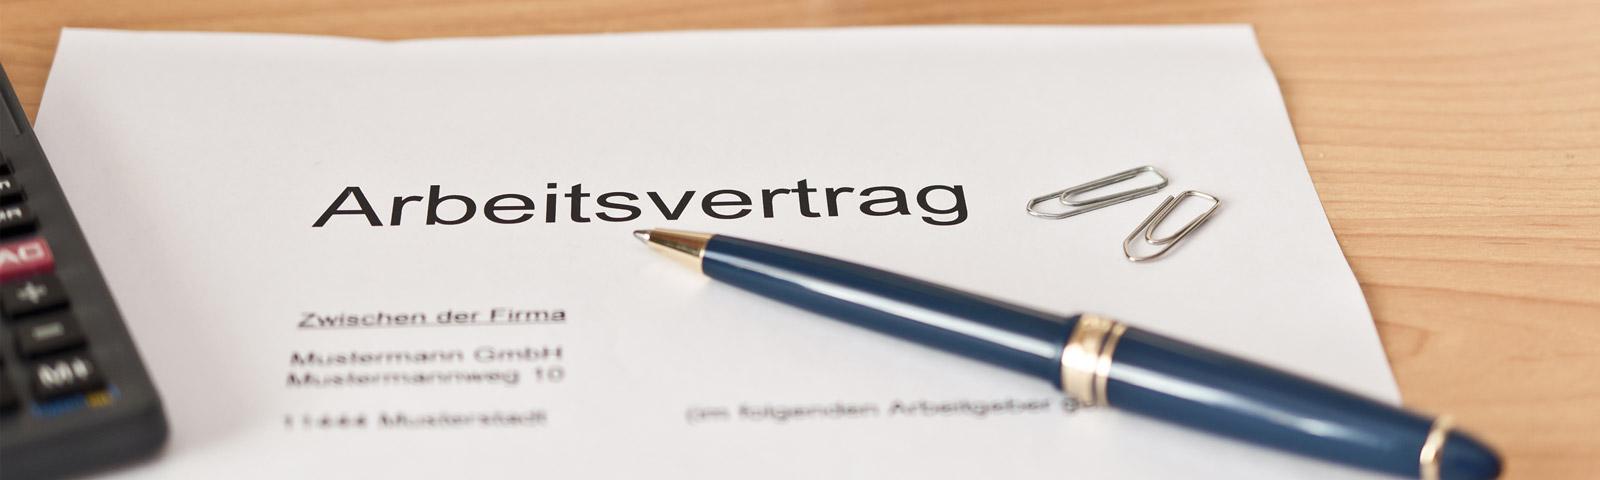 Ein Arbeitsvertrag mit Kugelschreiber Arbeitsrecht